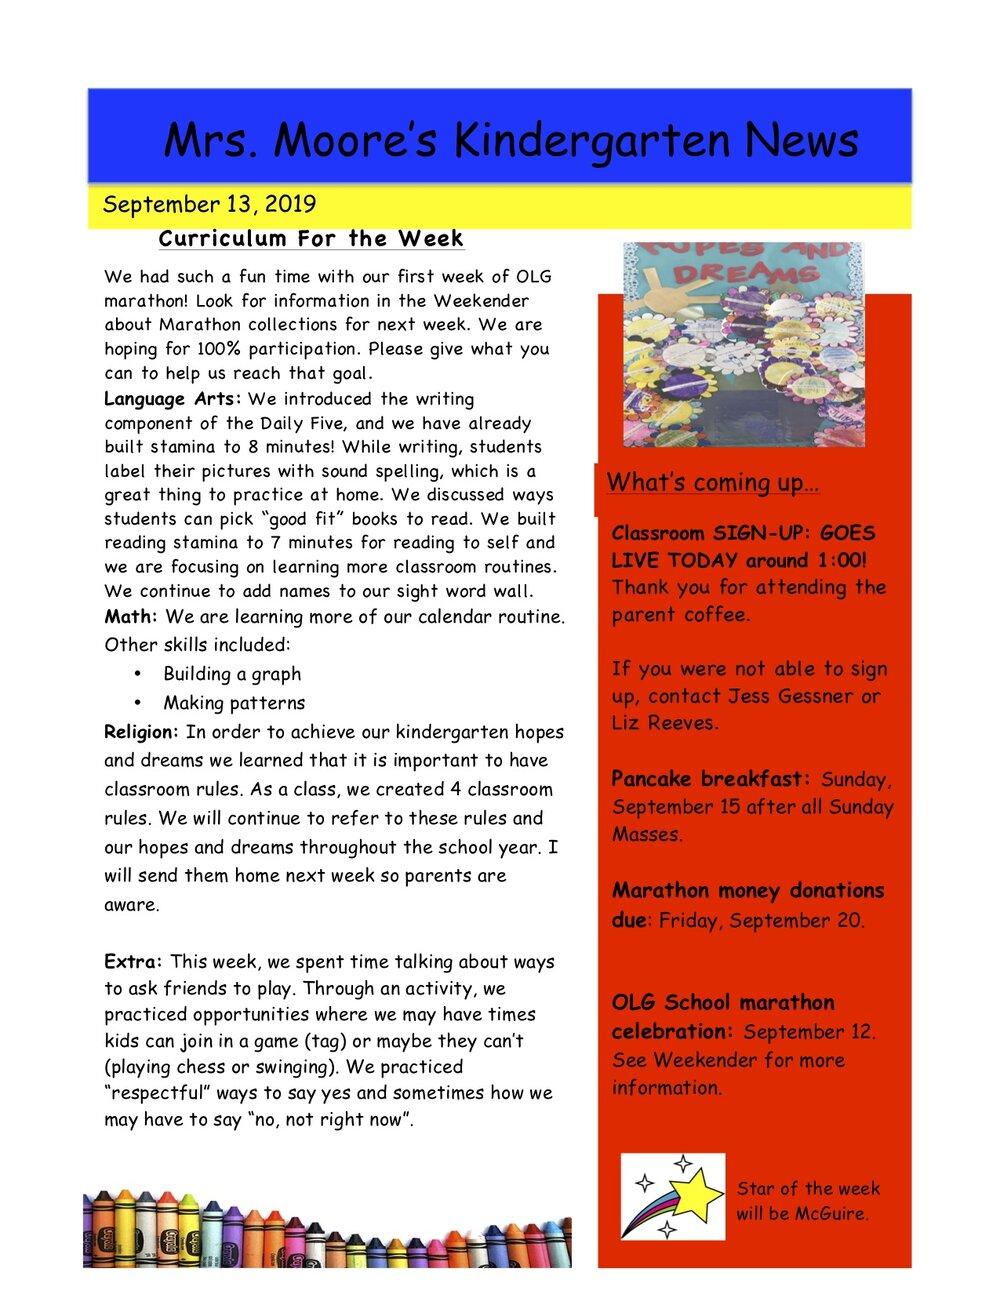 MooreNewsletter 3 Week 9-13.jpg